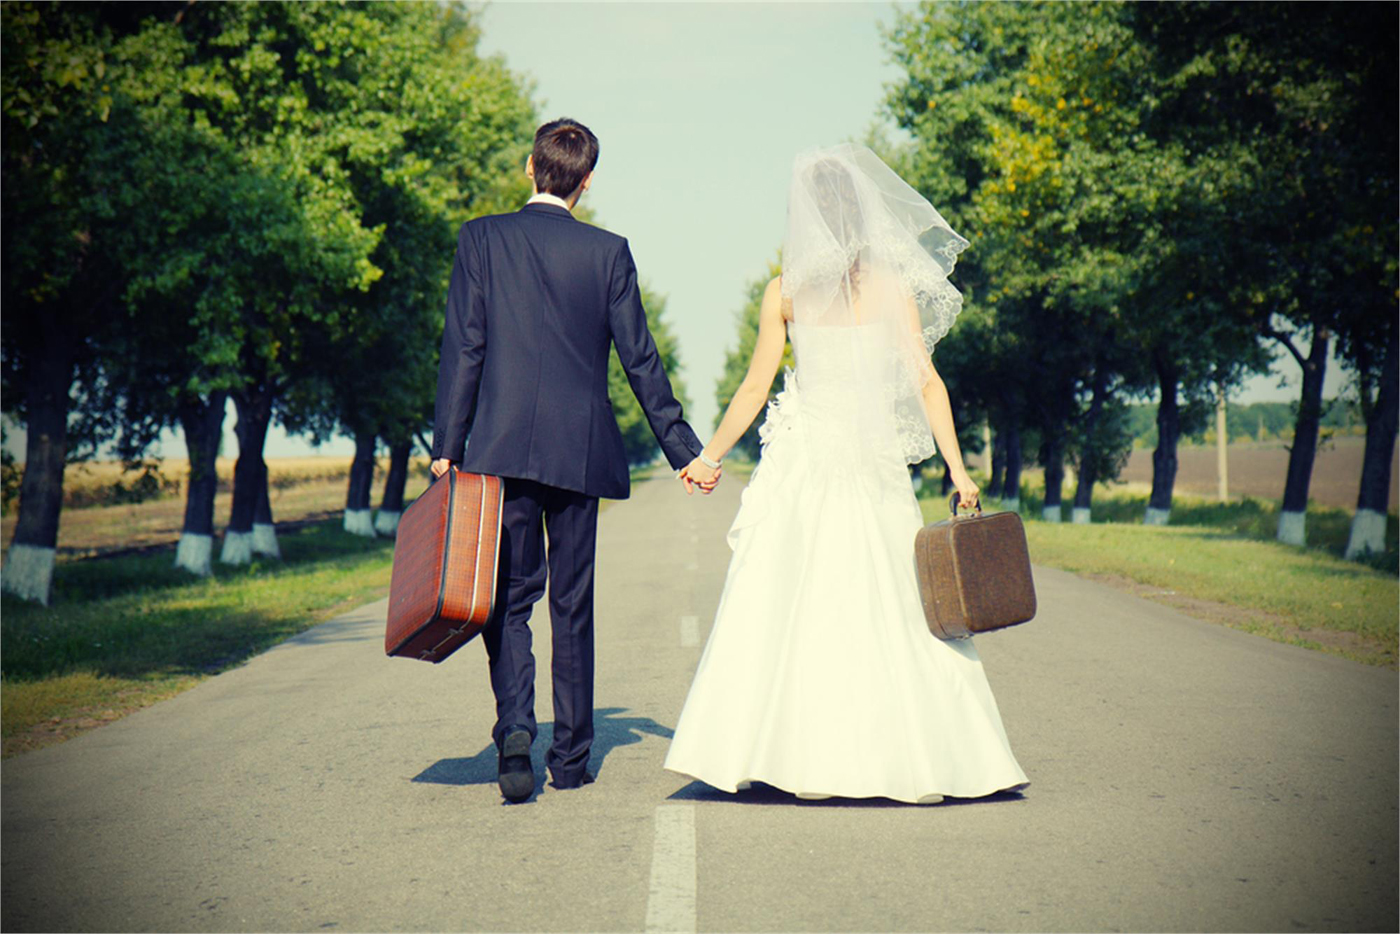 Брак с иностранцем: какие возникают трудности? Советы юриста